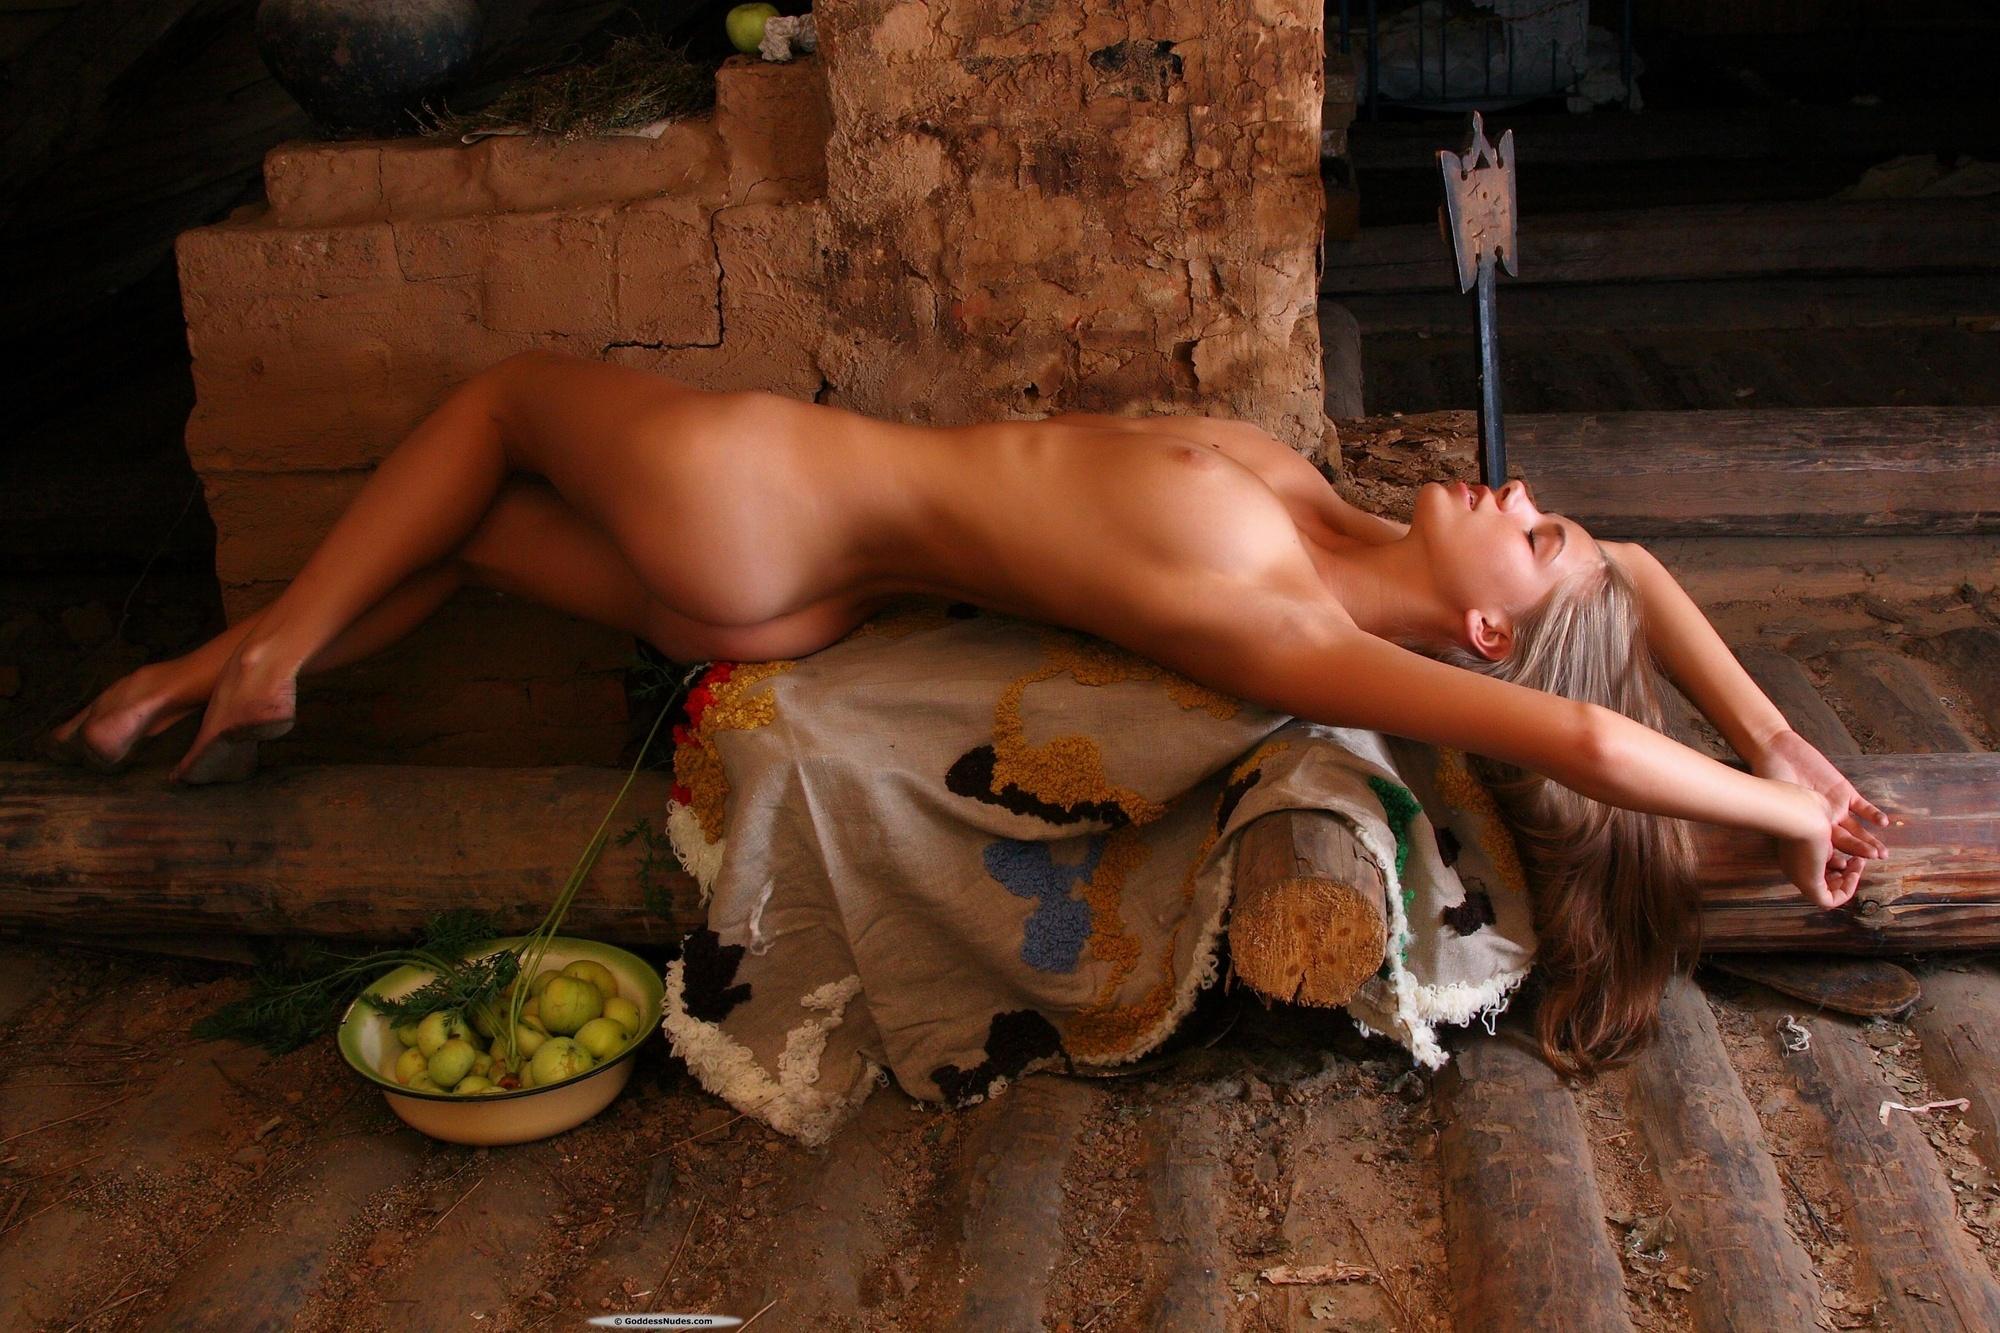 Секс на чедаке 15 фотография